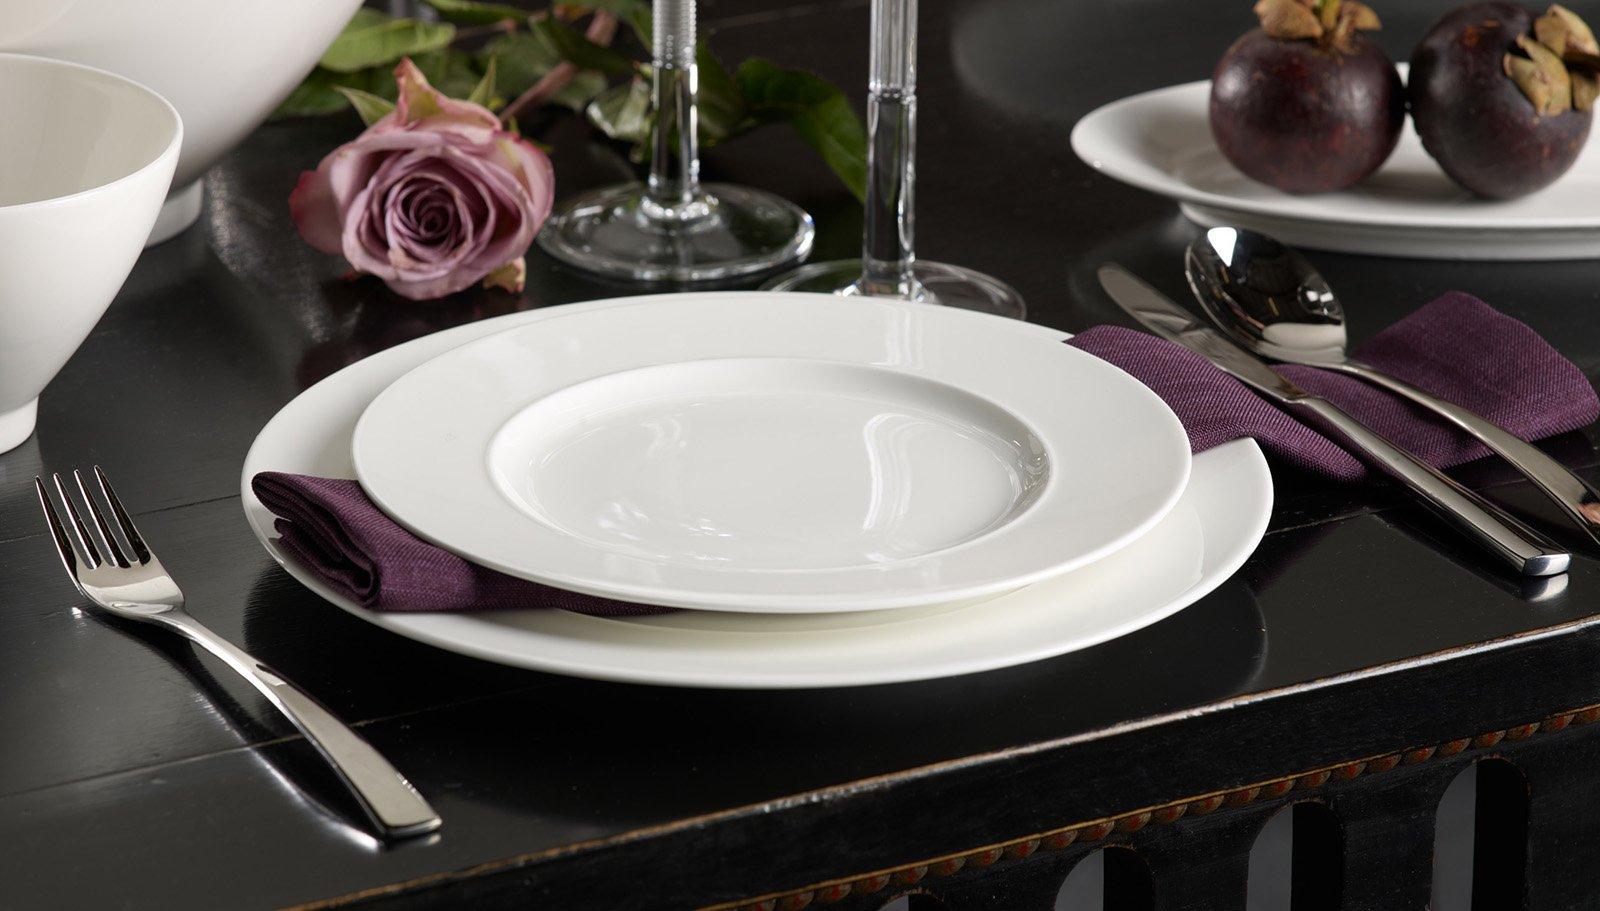 Oggettistica servizio colorato o classico cose di casa - Servizio piatti design ...